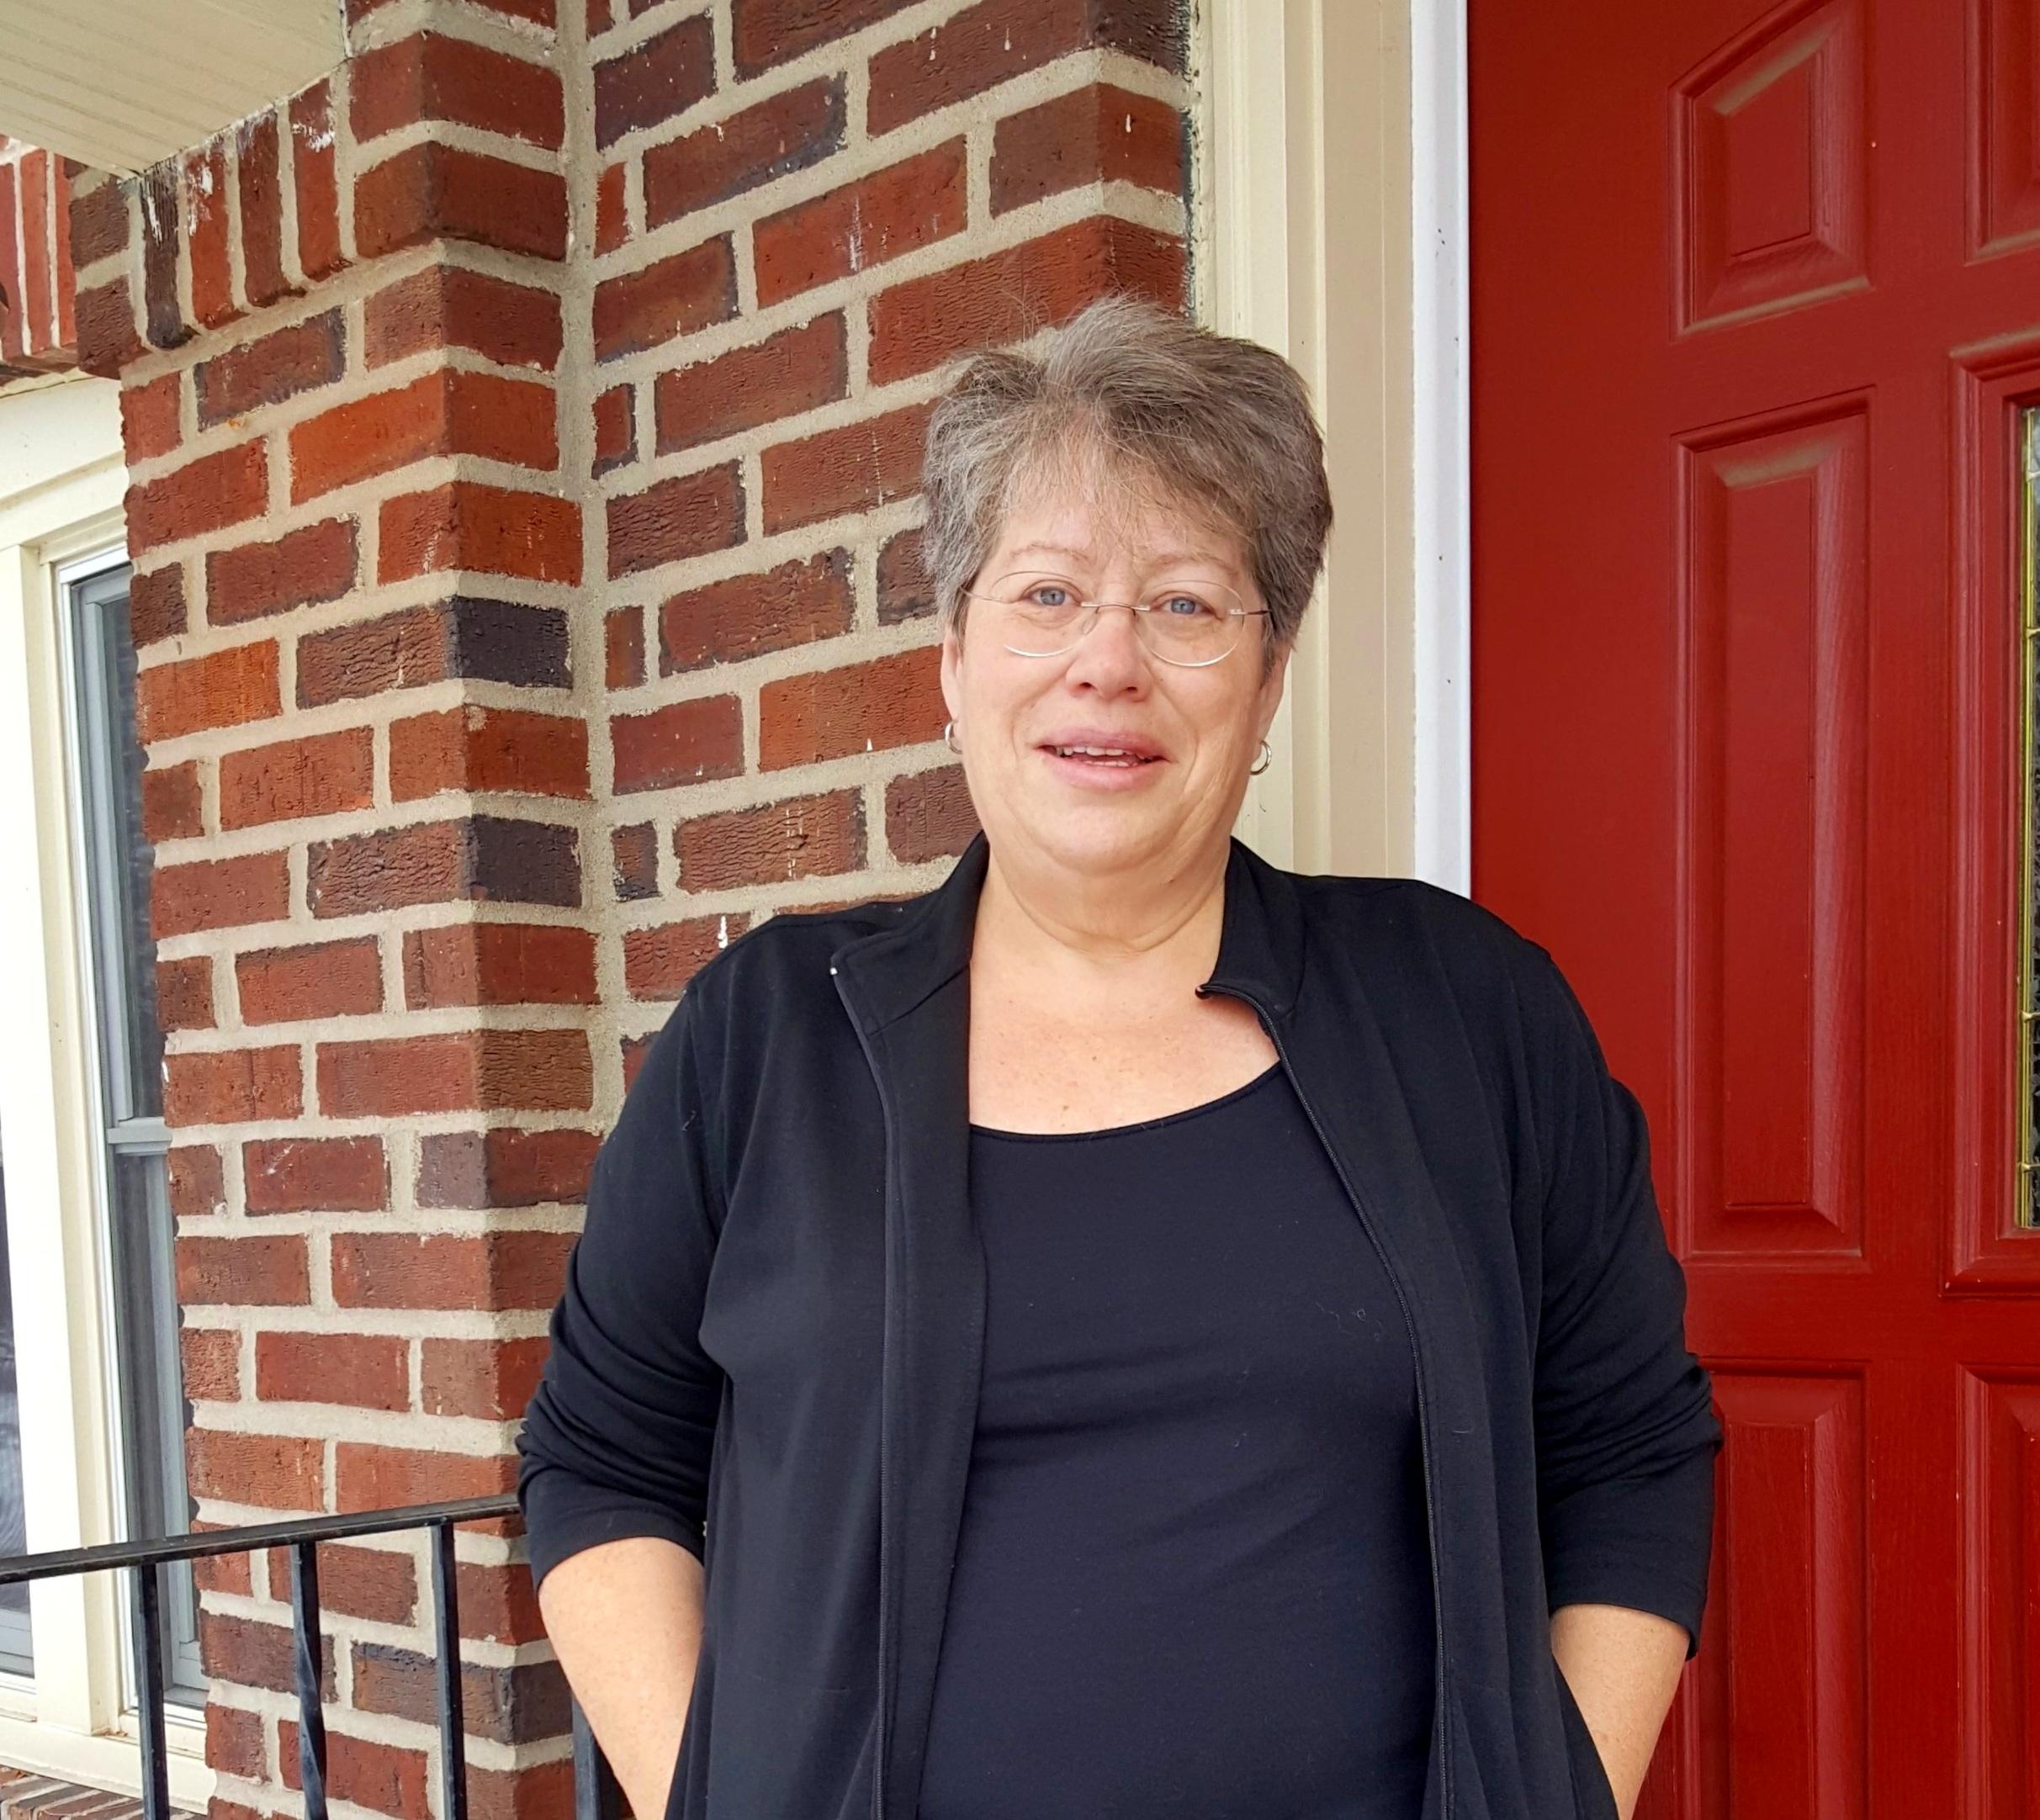 Liz Richards, executive director of MCBW